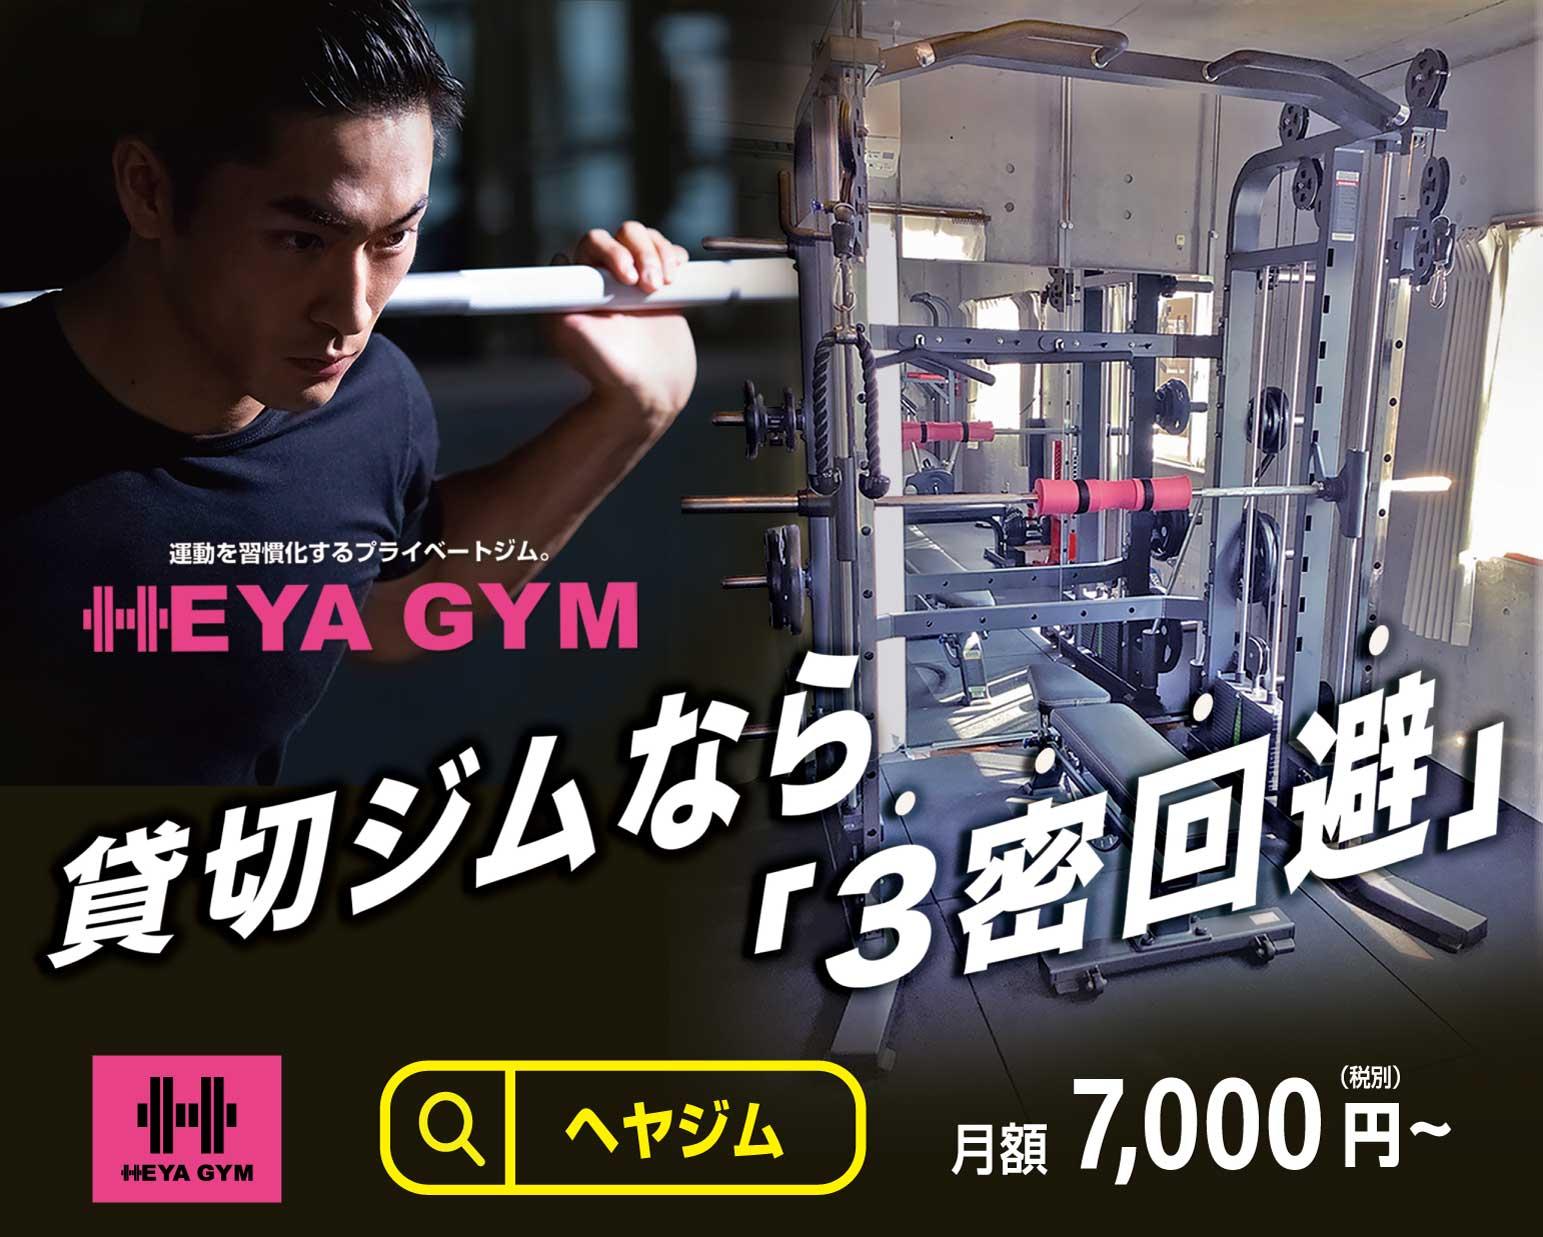 沖縄個室プライベートジム「ヘヤジム」【HEYA GYM】